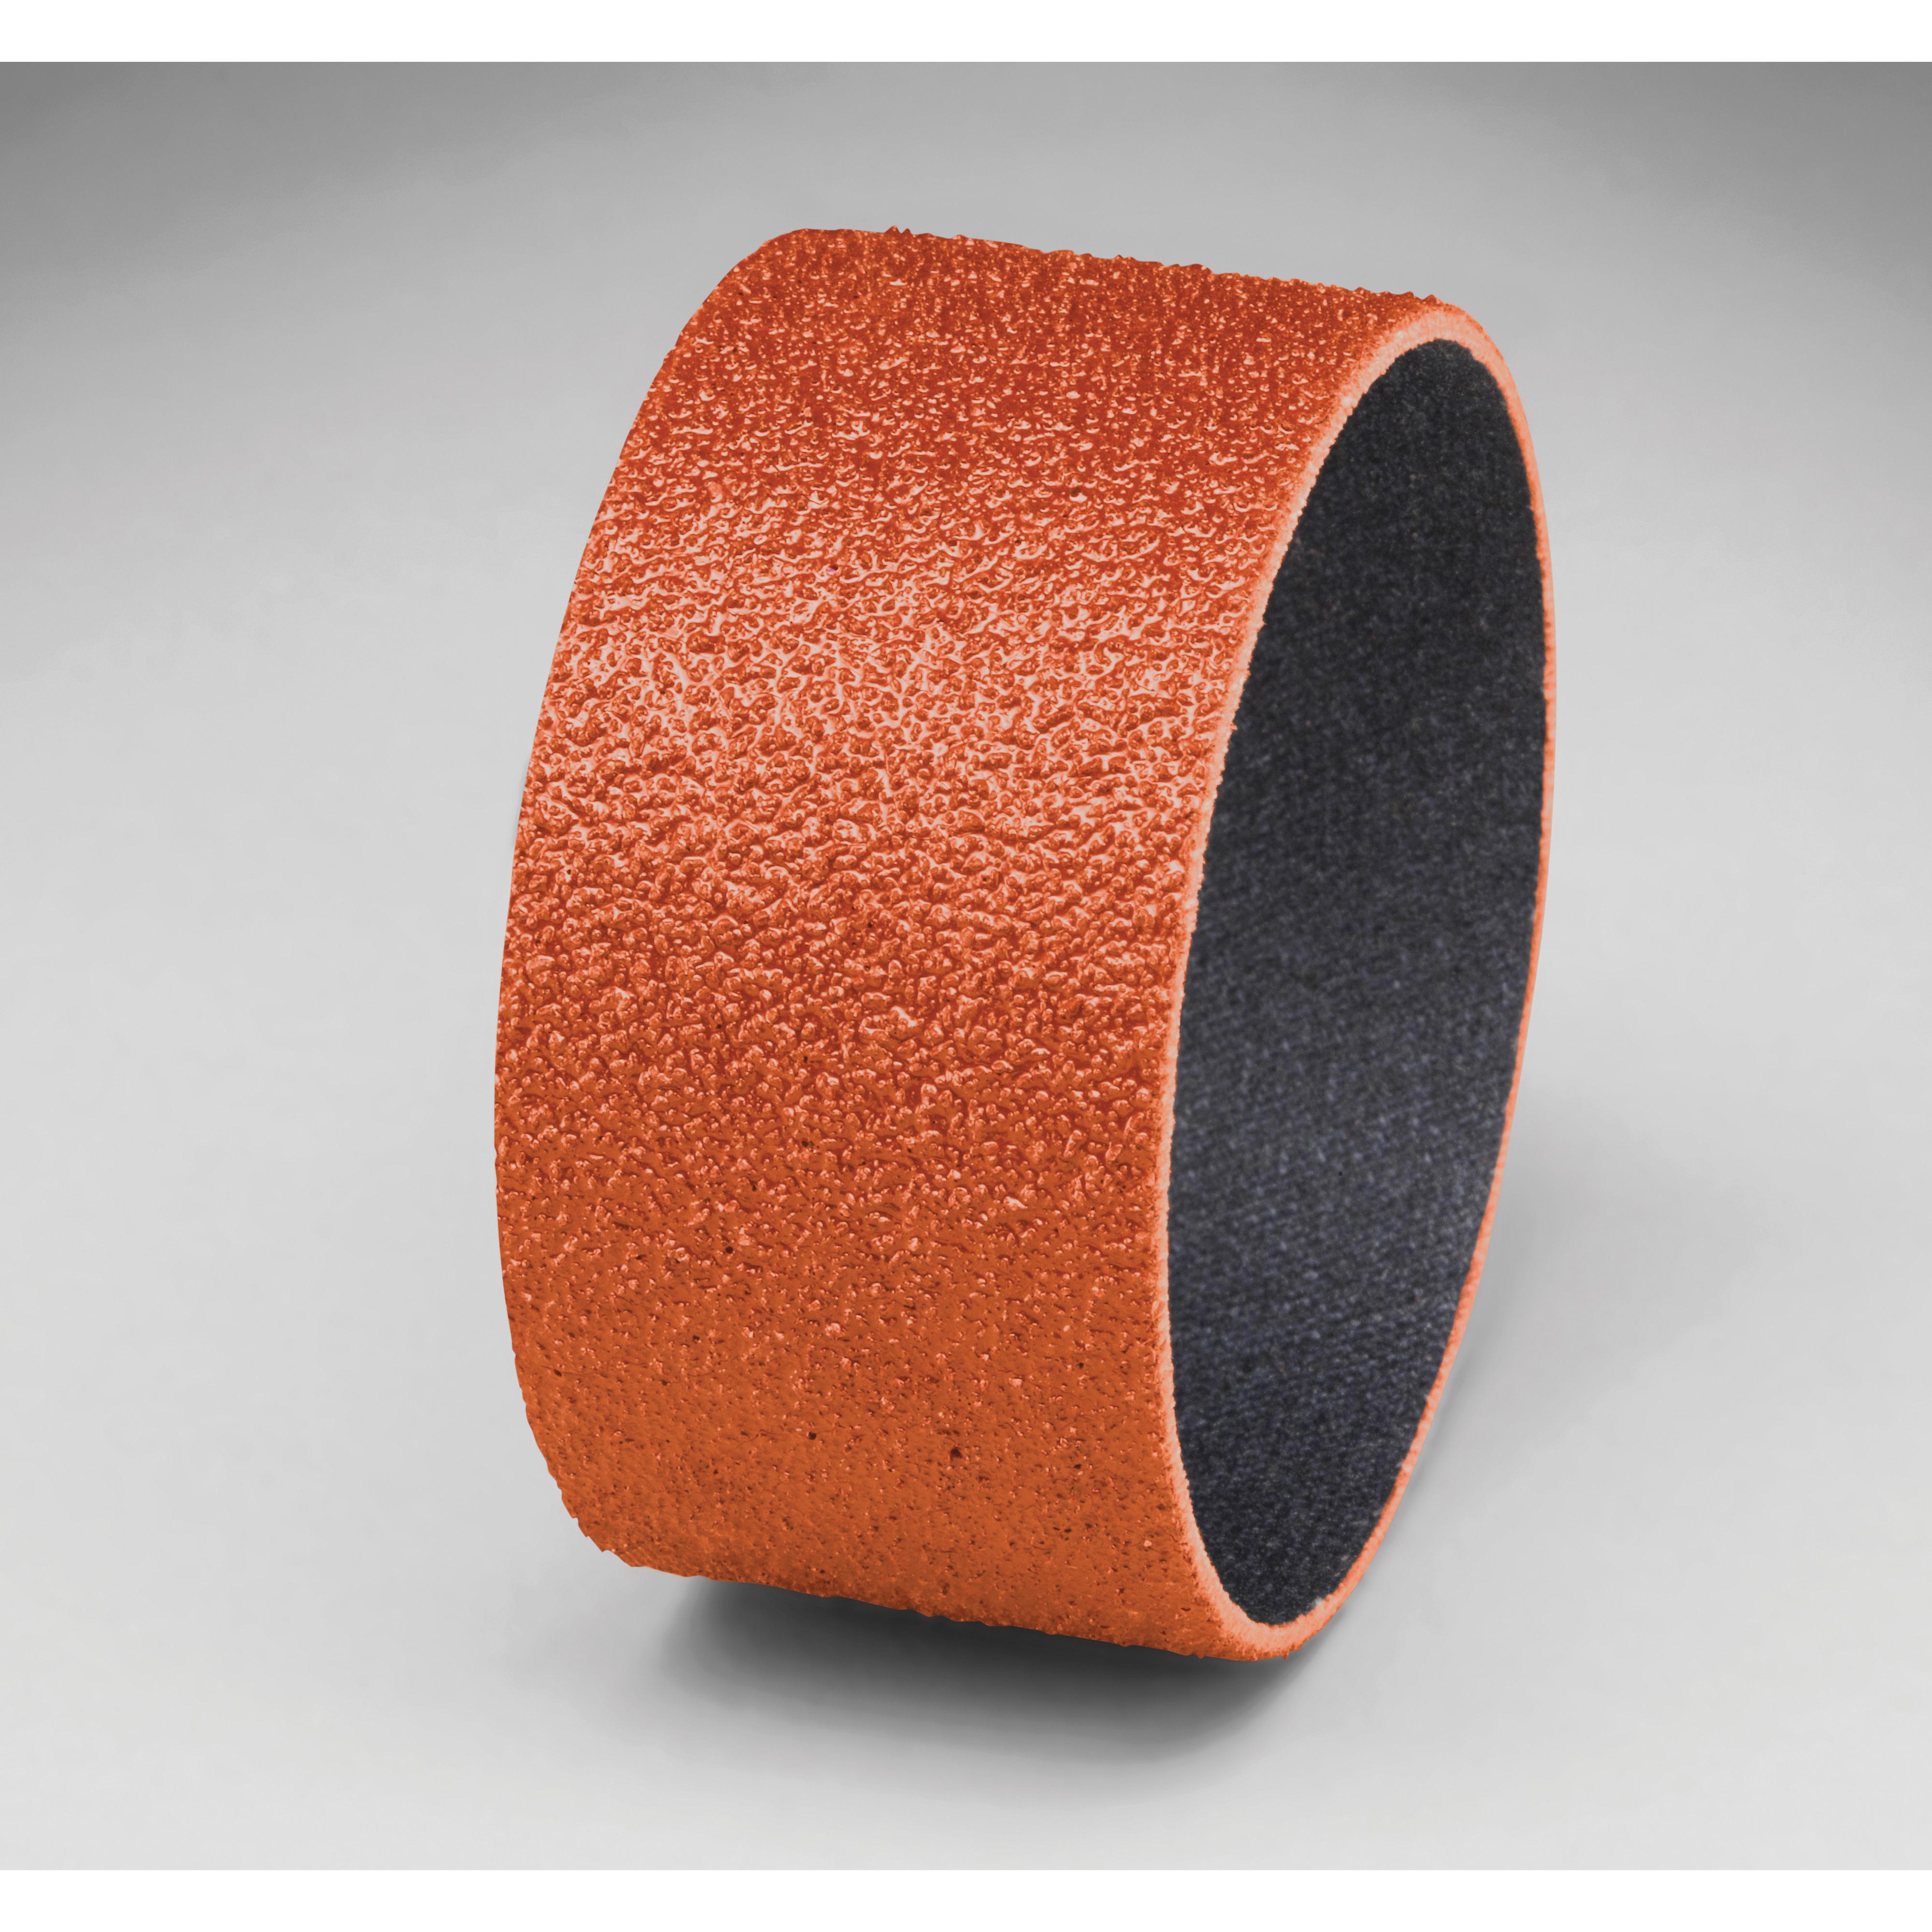 3M™ 051144-80783 Closed Coat Spiral Band, 2 in Dia x 1 in L, P120 Grit, Fine Grade, Ceramic Abrasive